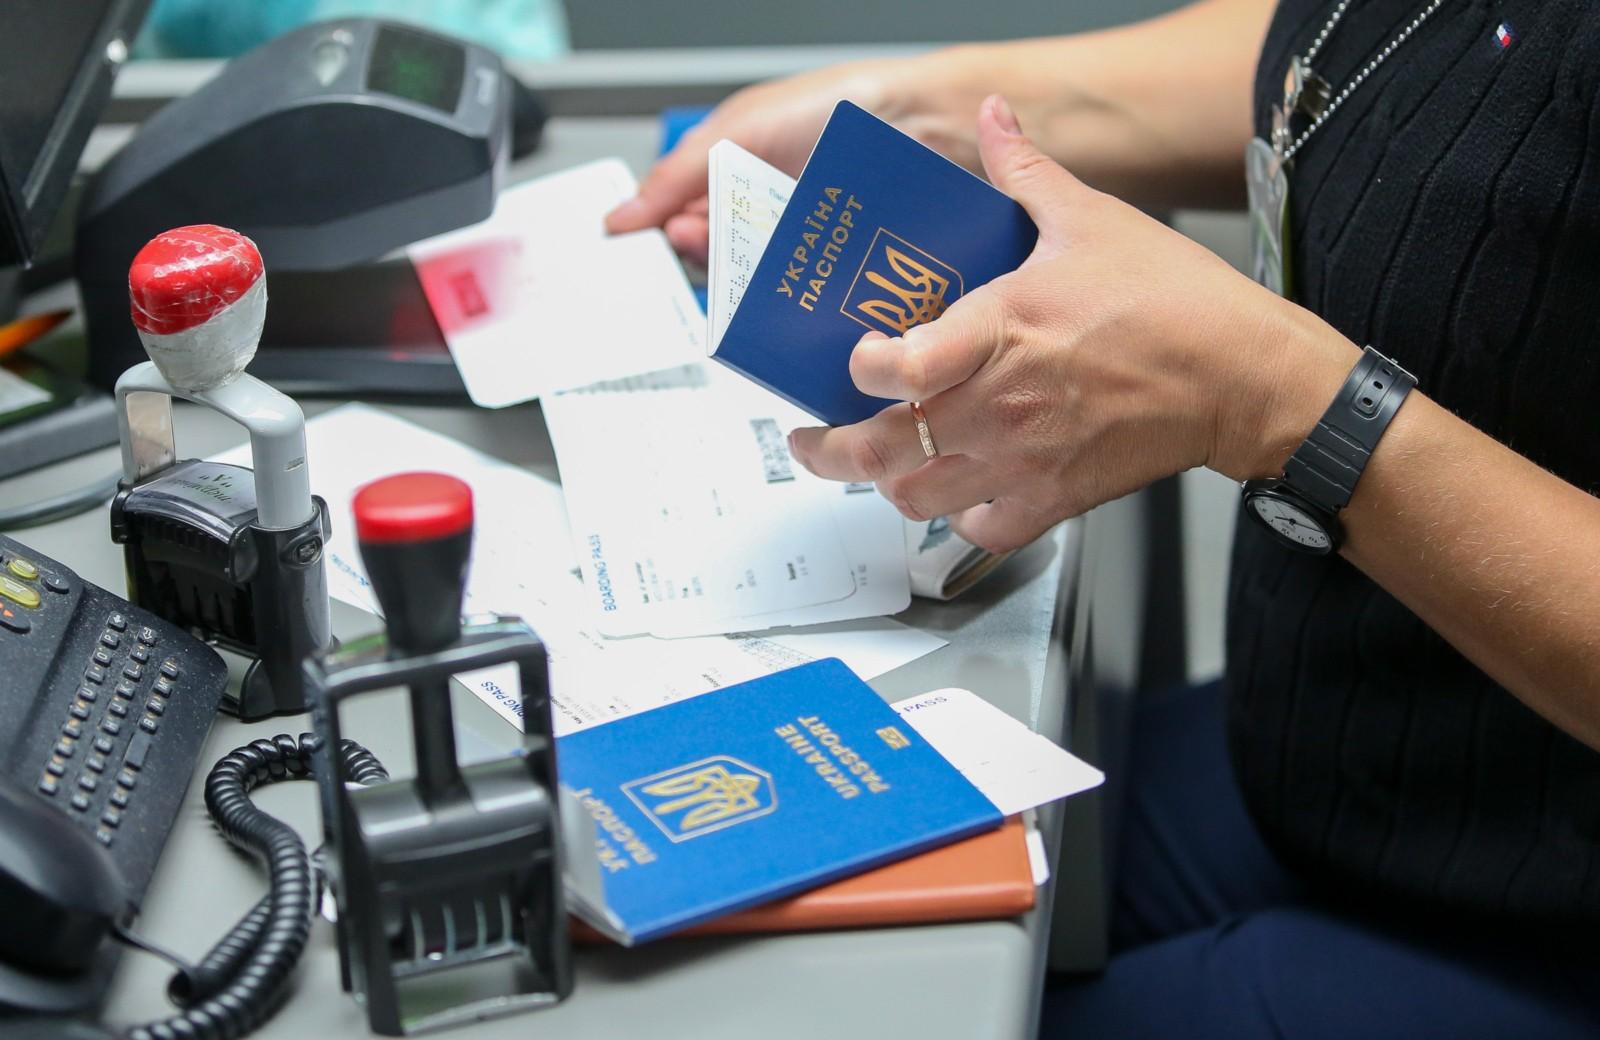 Xinhua: Ukraine to collect biometric data at border next